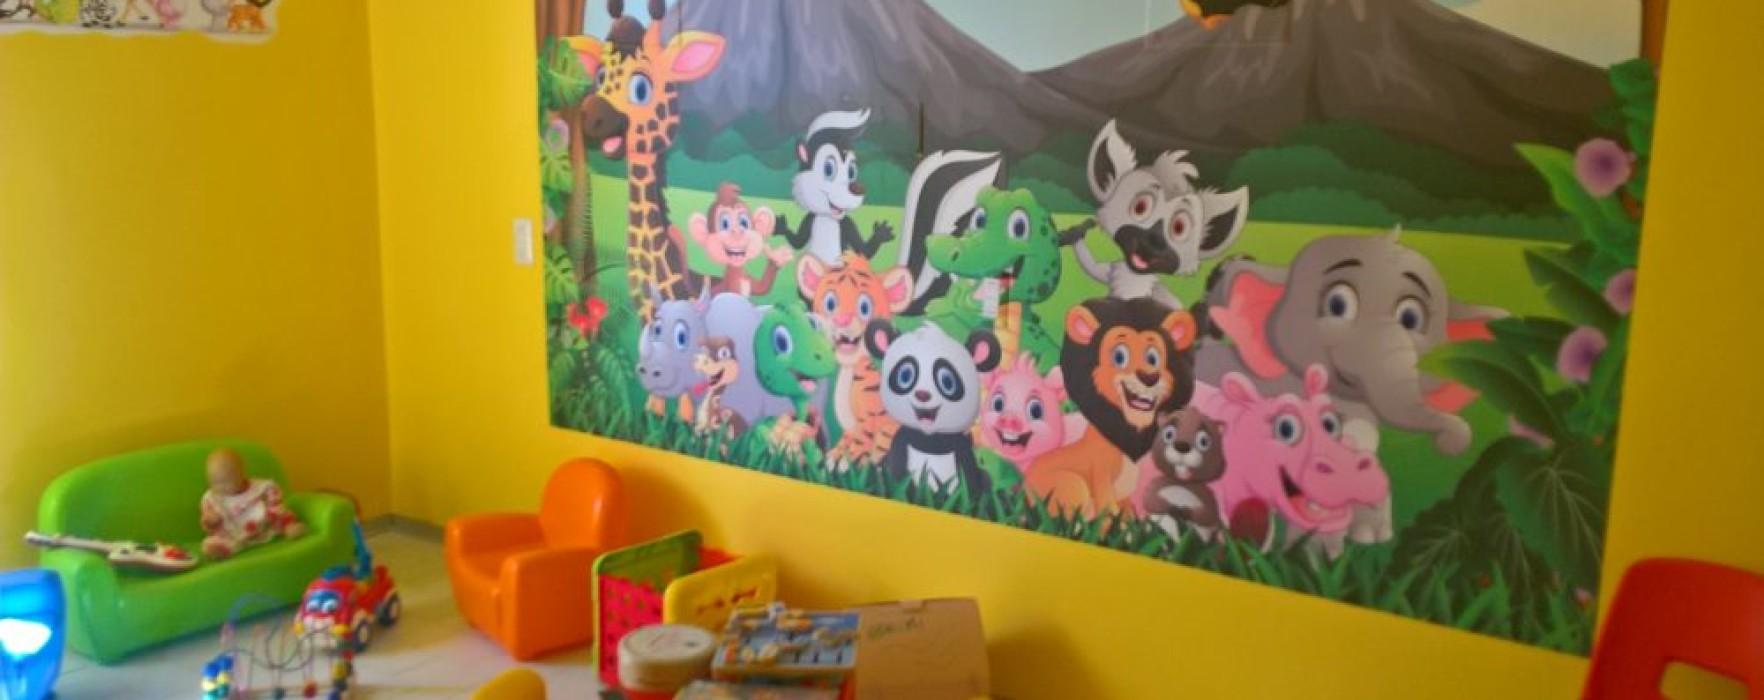 Nuova Pediatria: s'ha da fare!